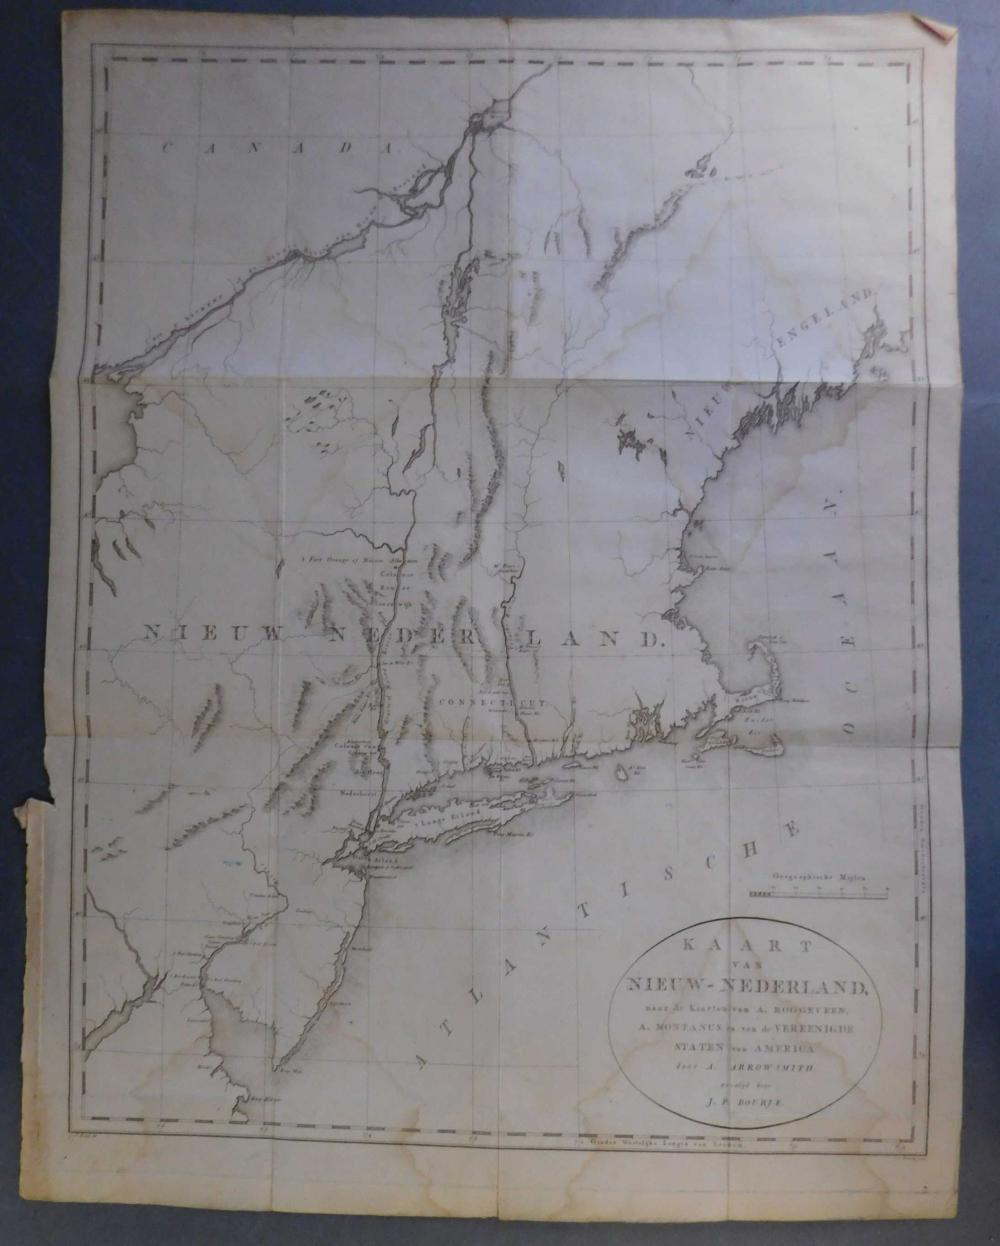 Kaart Van Nieuw-Nederland...